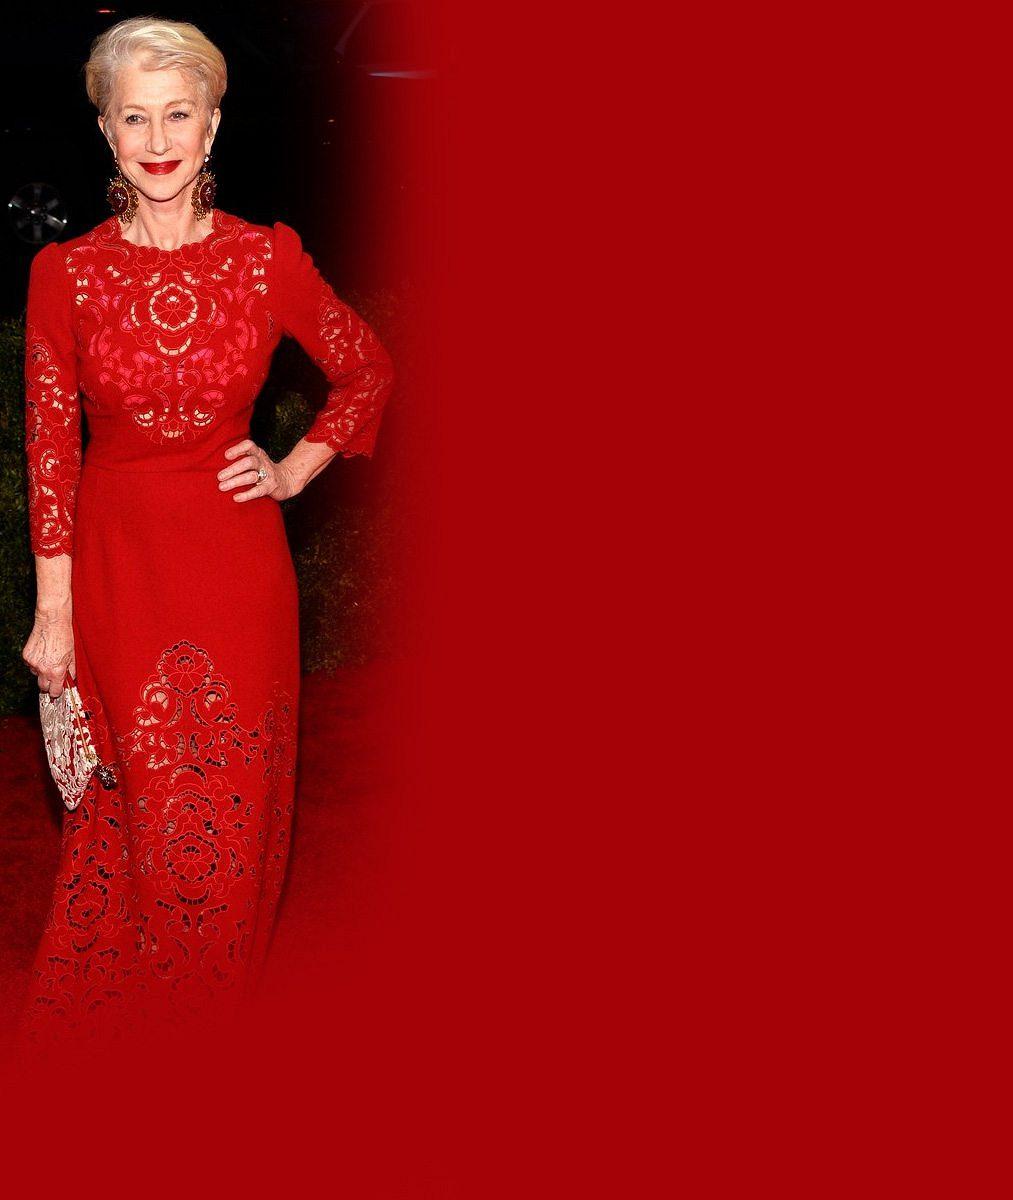 Odvaha s věkem nesouvisí: Slavná herečka (69) ukazovala v krajkových šatech podprsenku